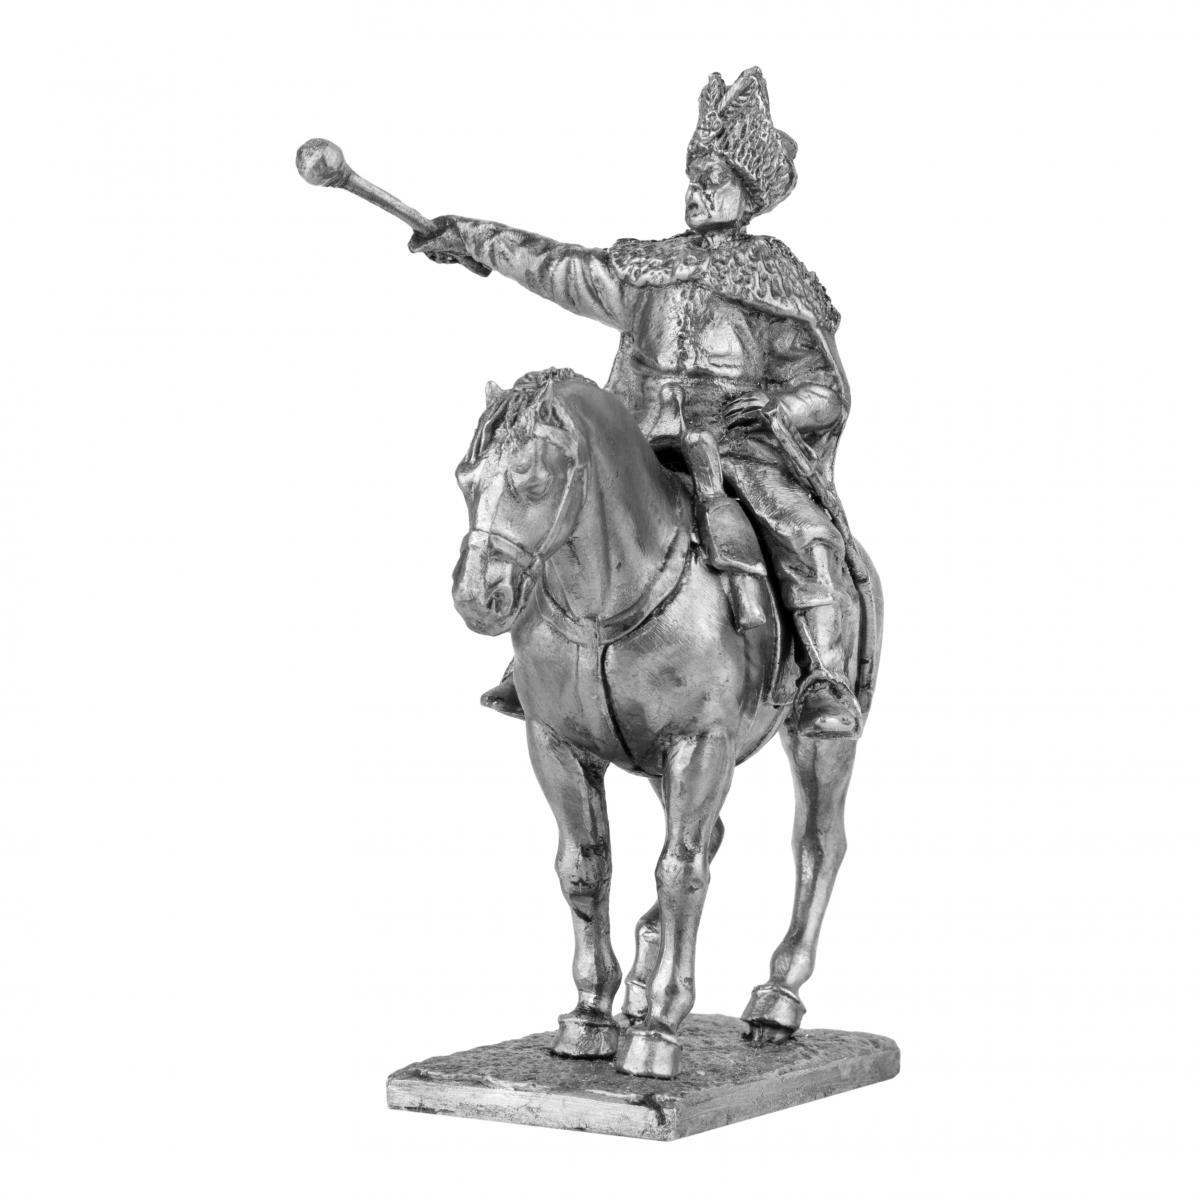 Фигурка казака на коне с булавой. Фото №2.   Народный дом Украина